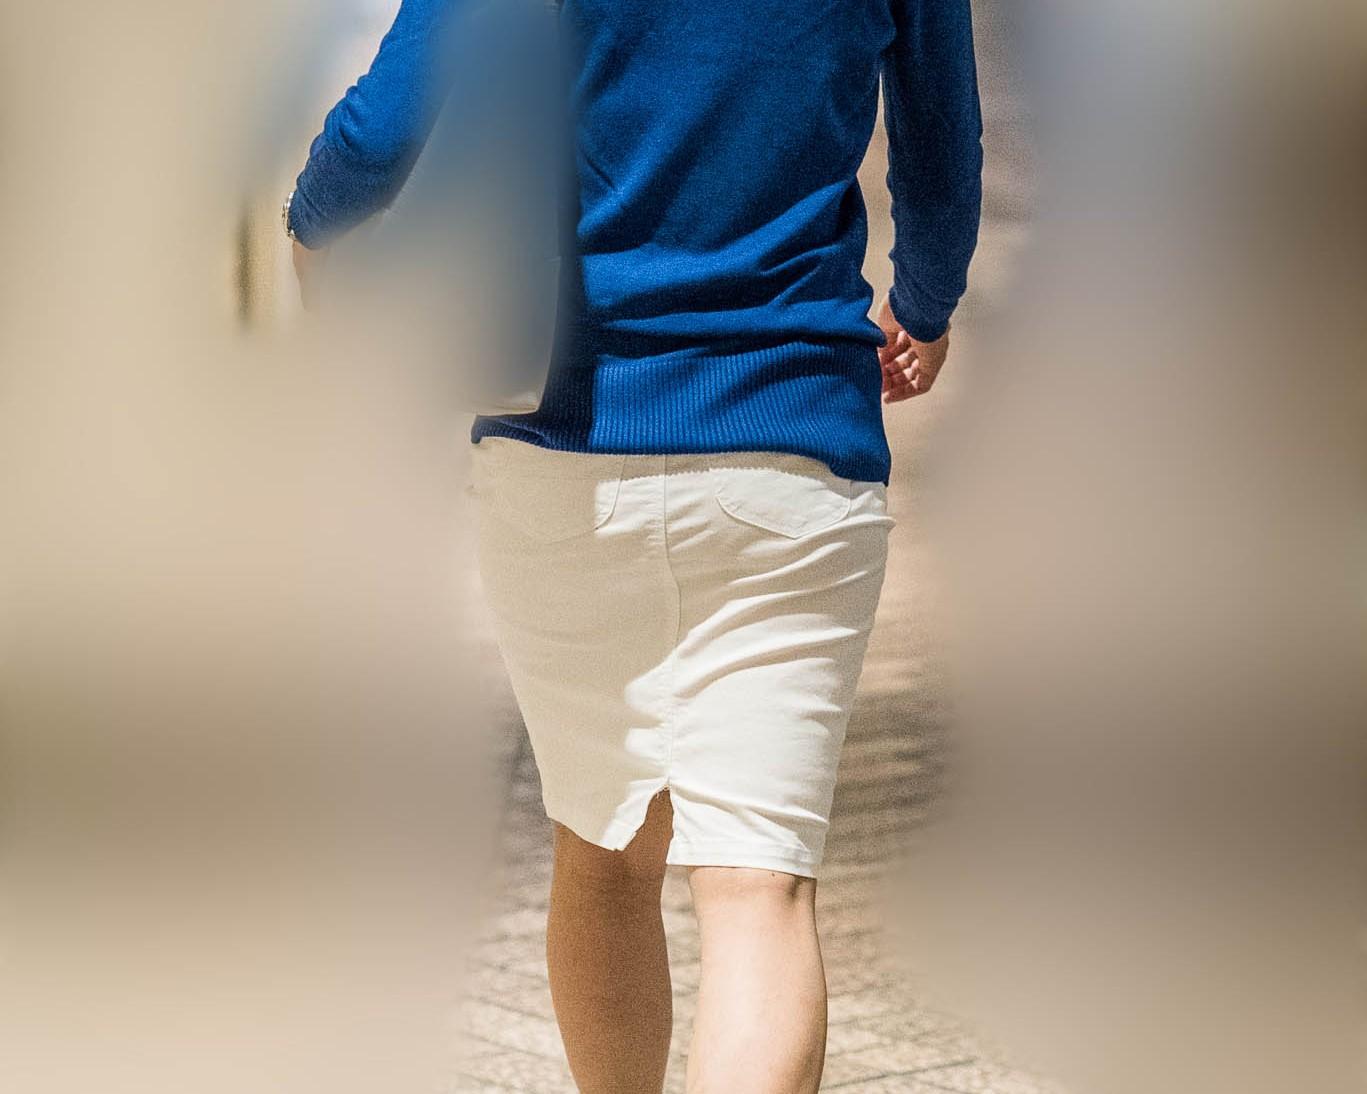 じわじわくる熟女エロス!白いタイトスカートのOLさん!